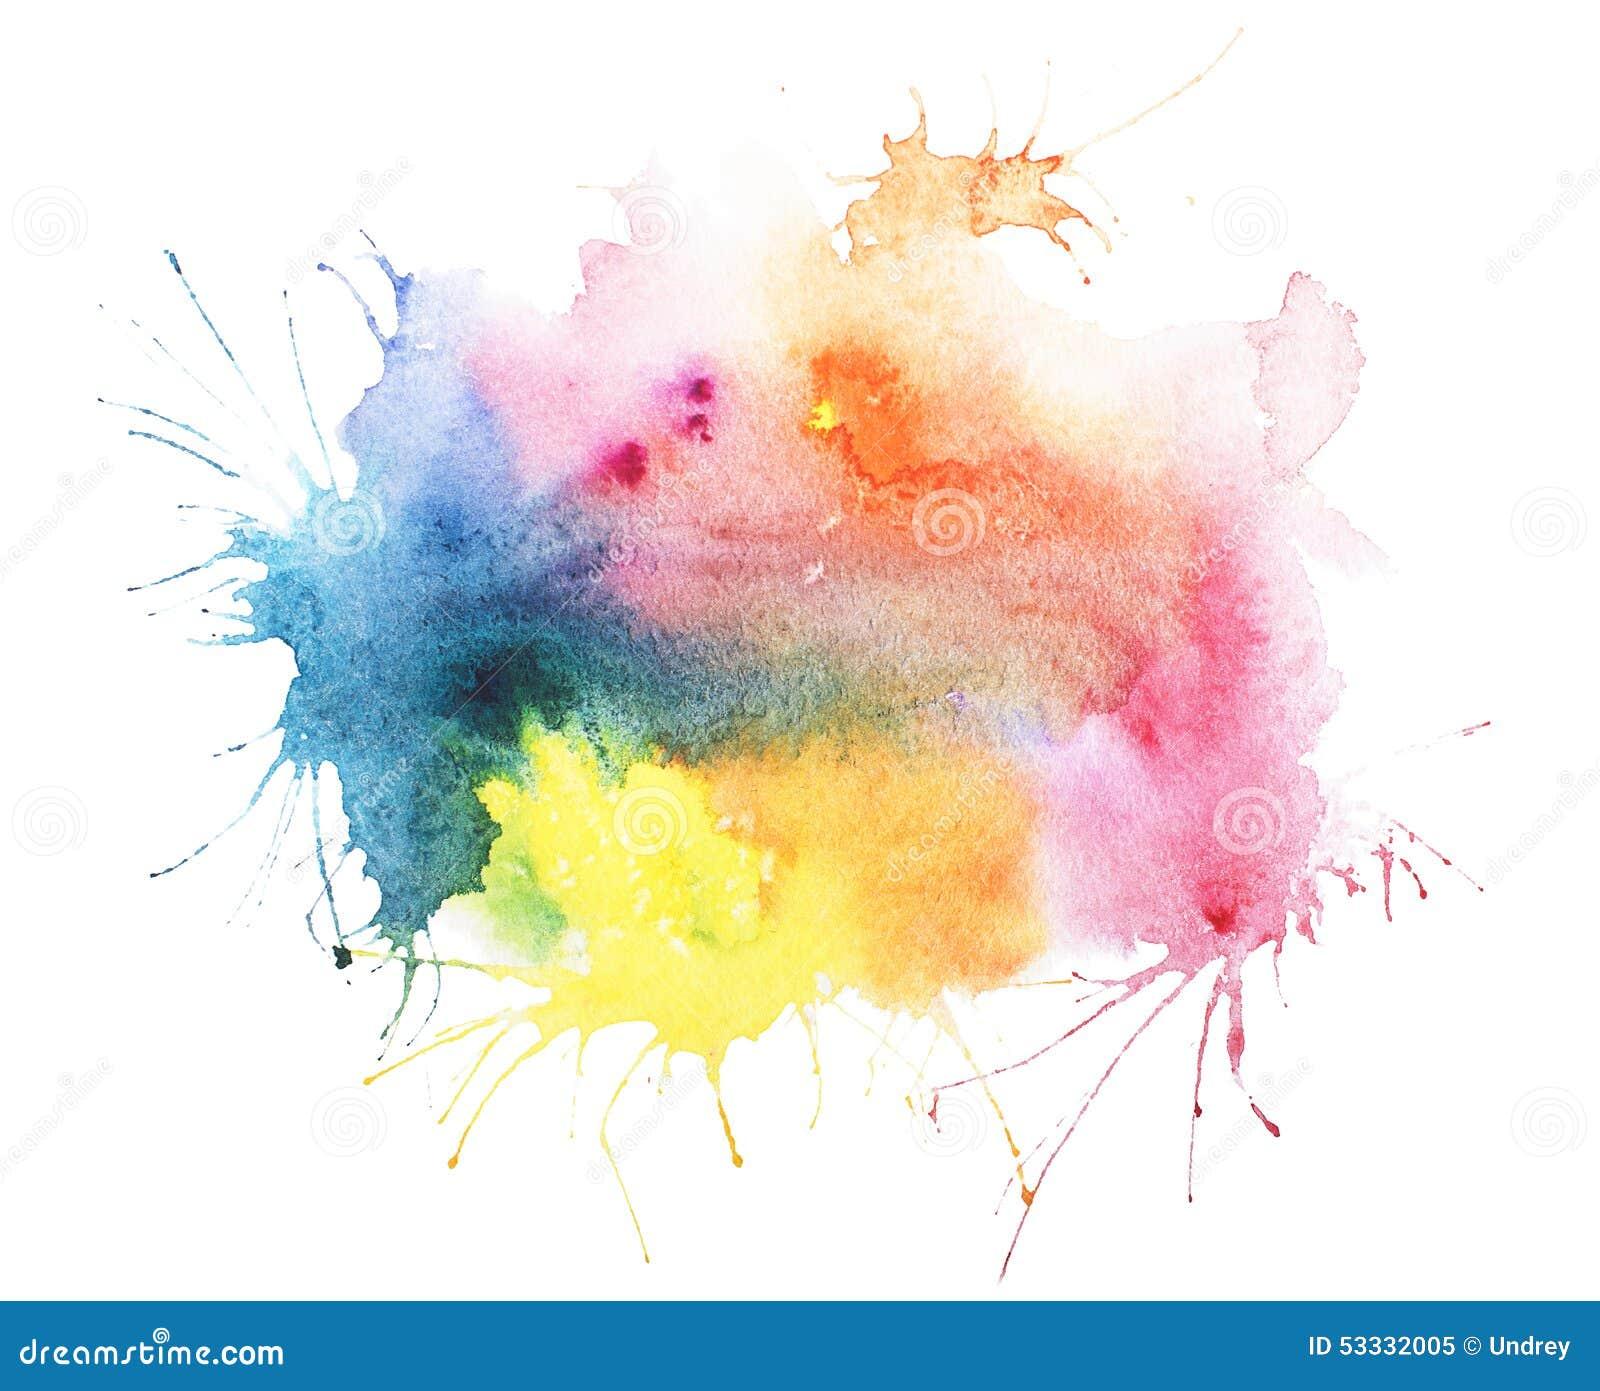 Abstract watercolor aquarelle hand drawn blot